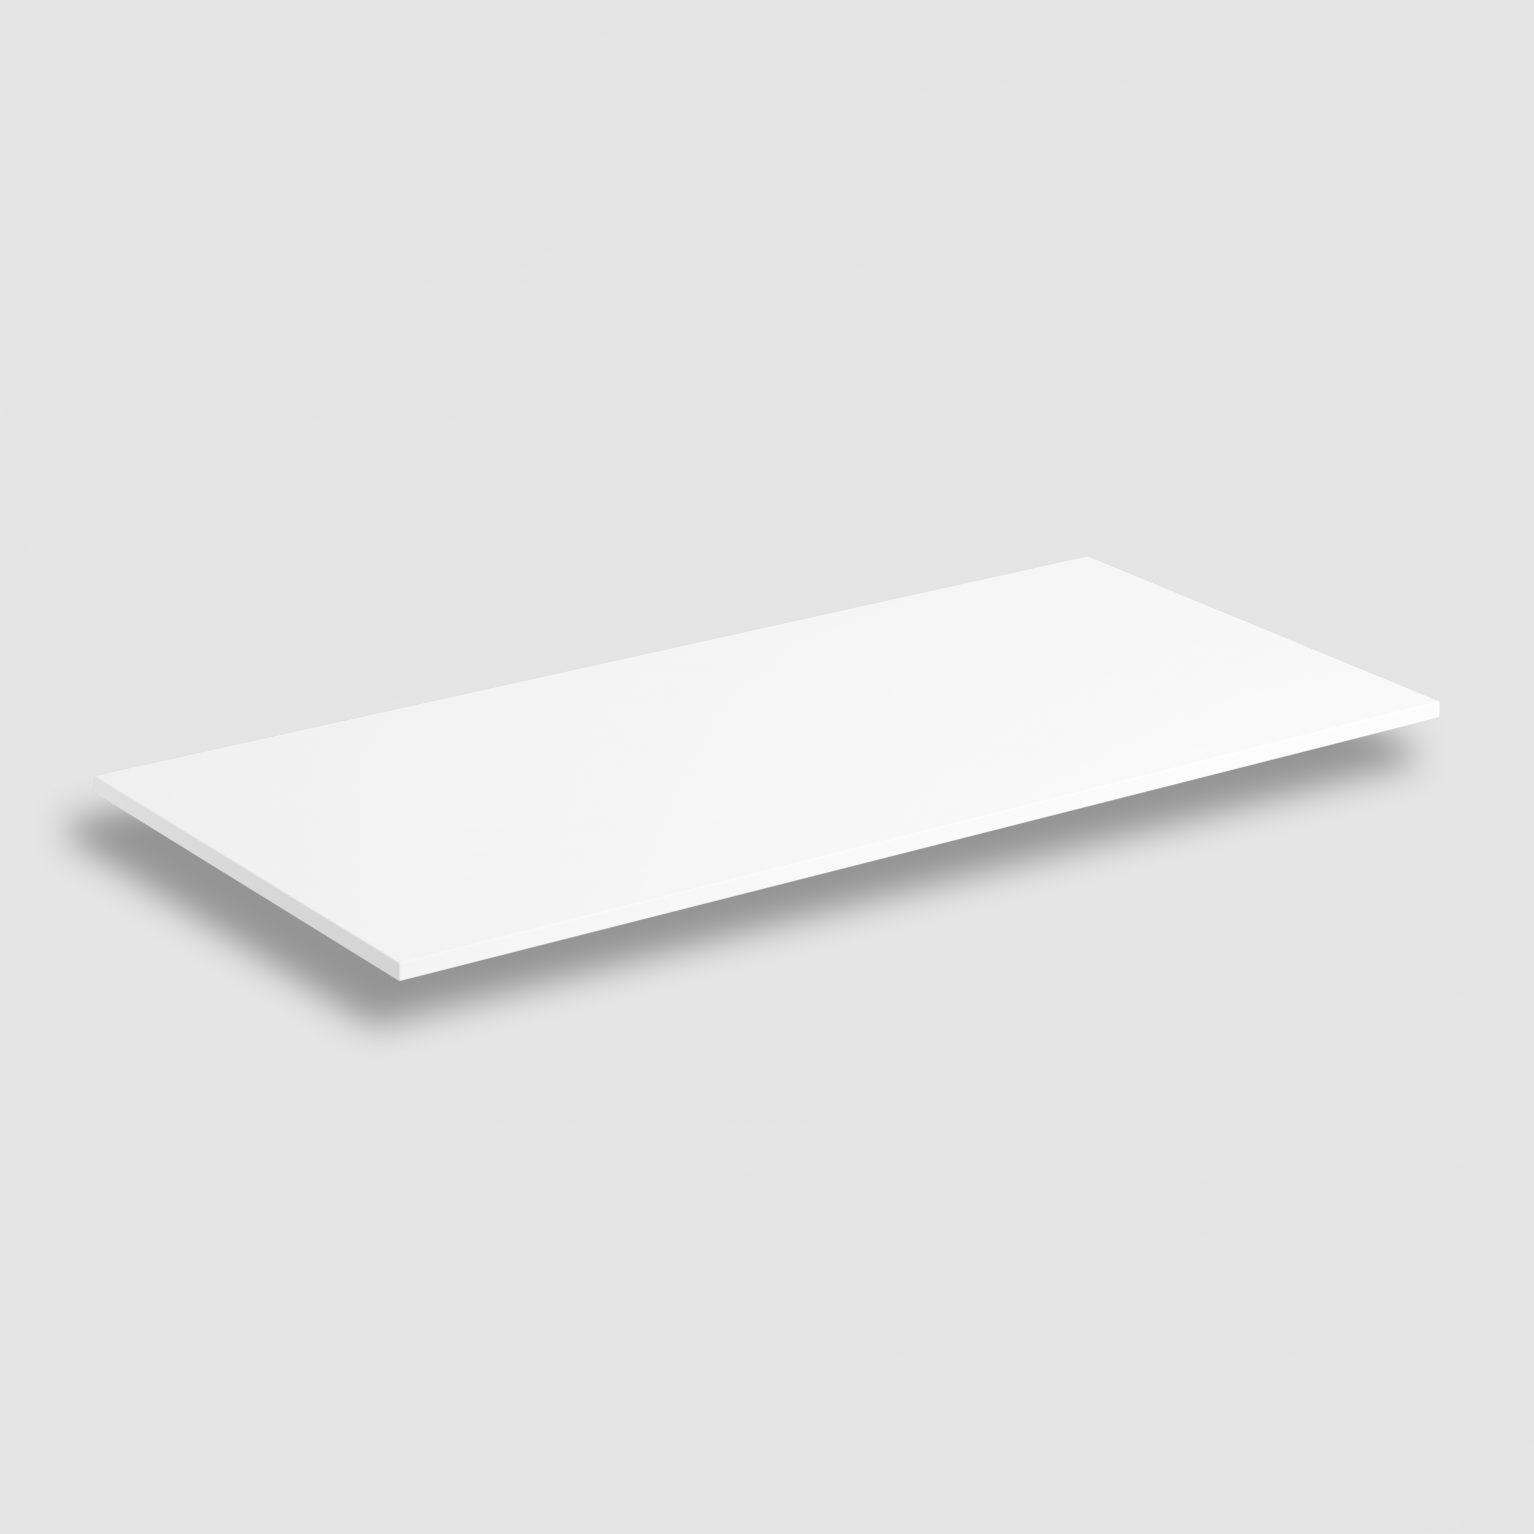 Hammock Frame inleg planchet 107 cm, mat wit aluite)